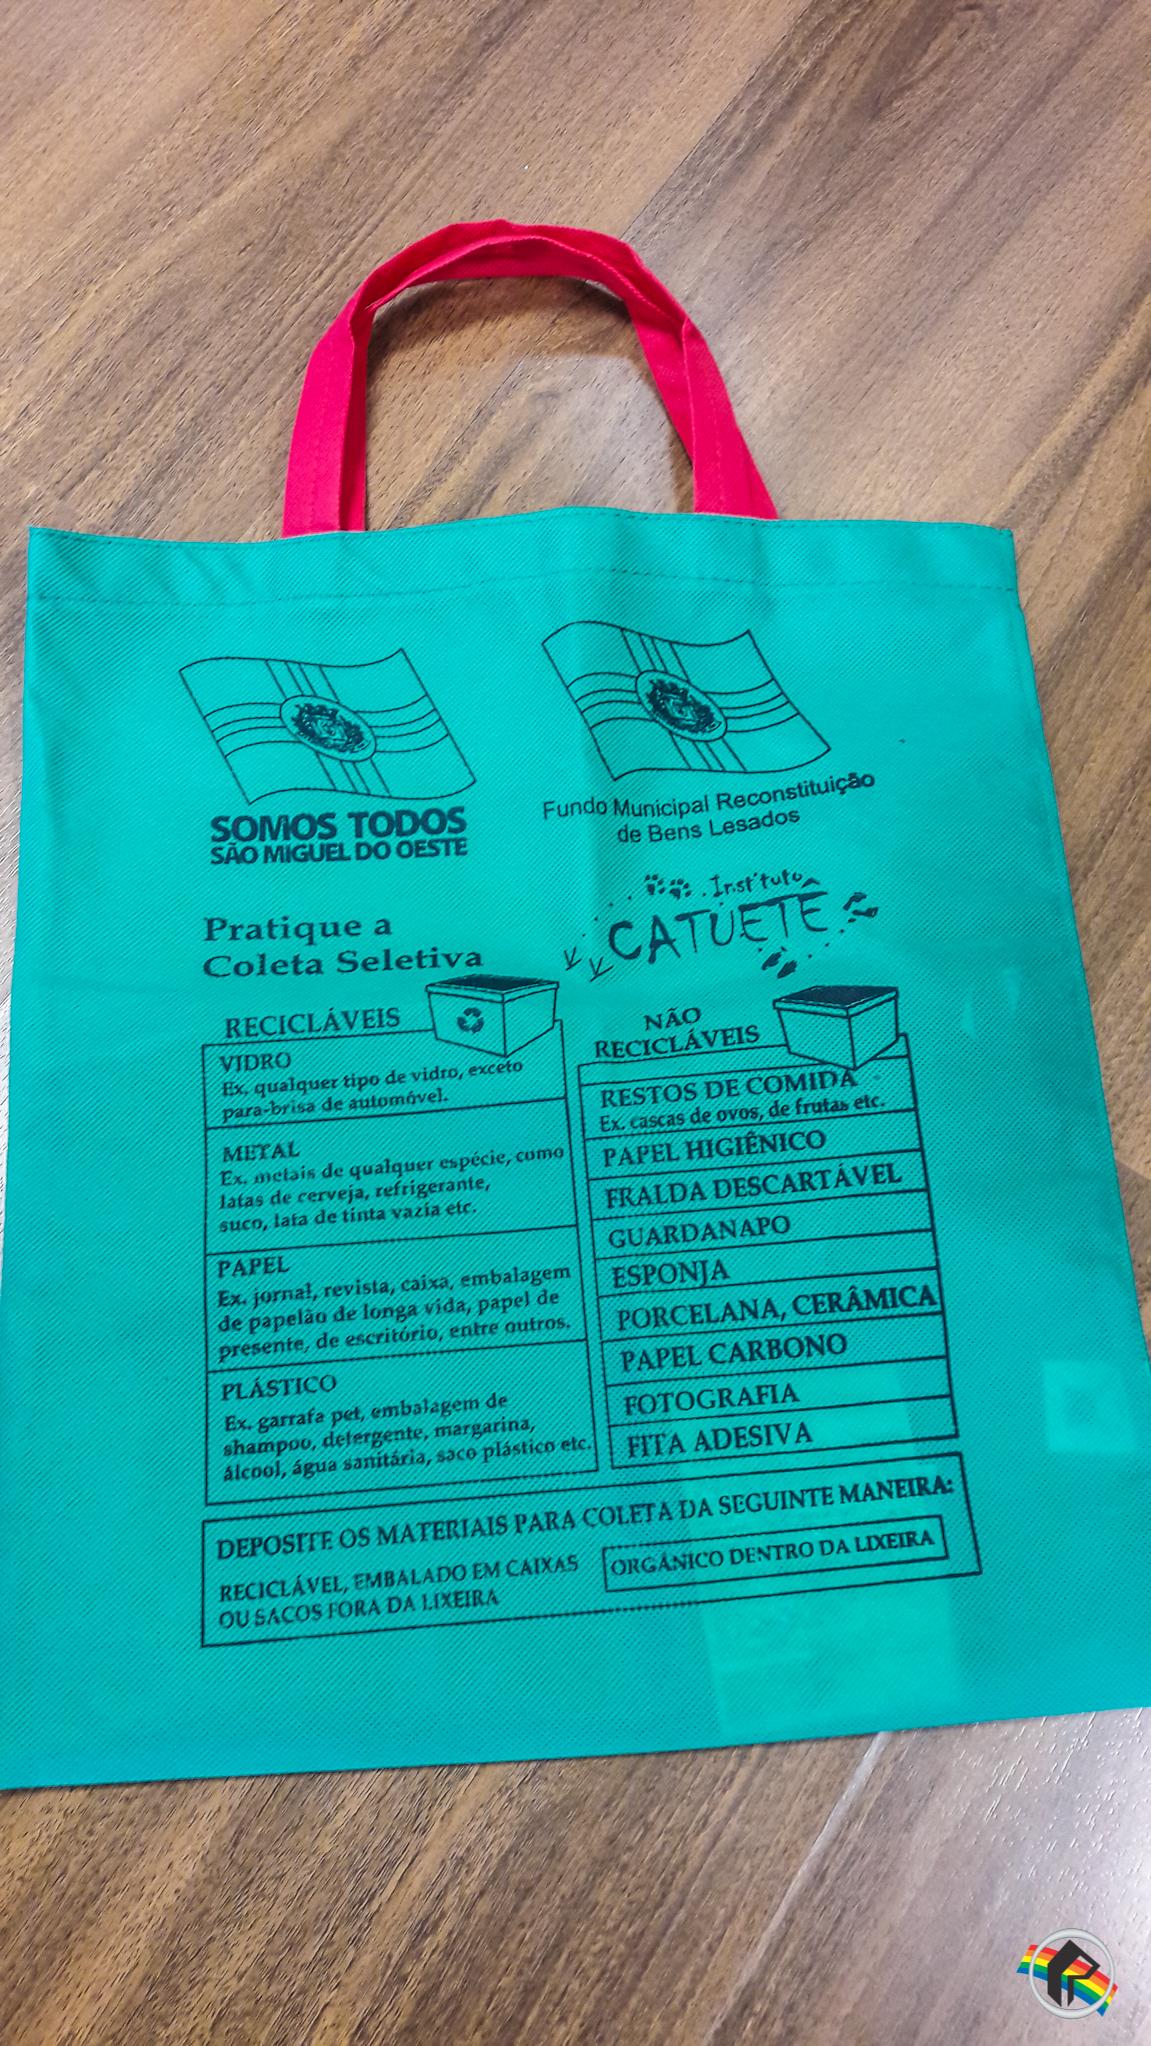 Instituto Catuetê vai distribuir cinco mil sacolas retornáveis aos mercados